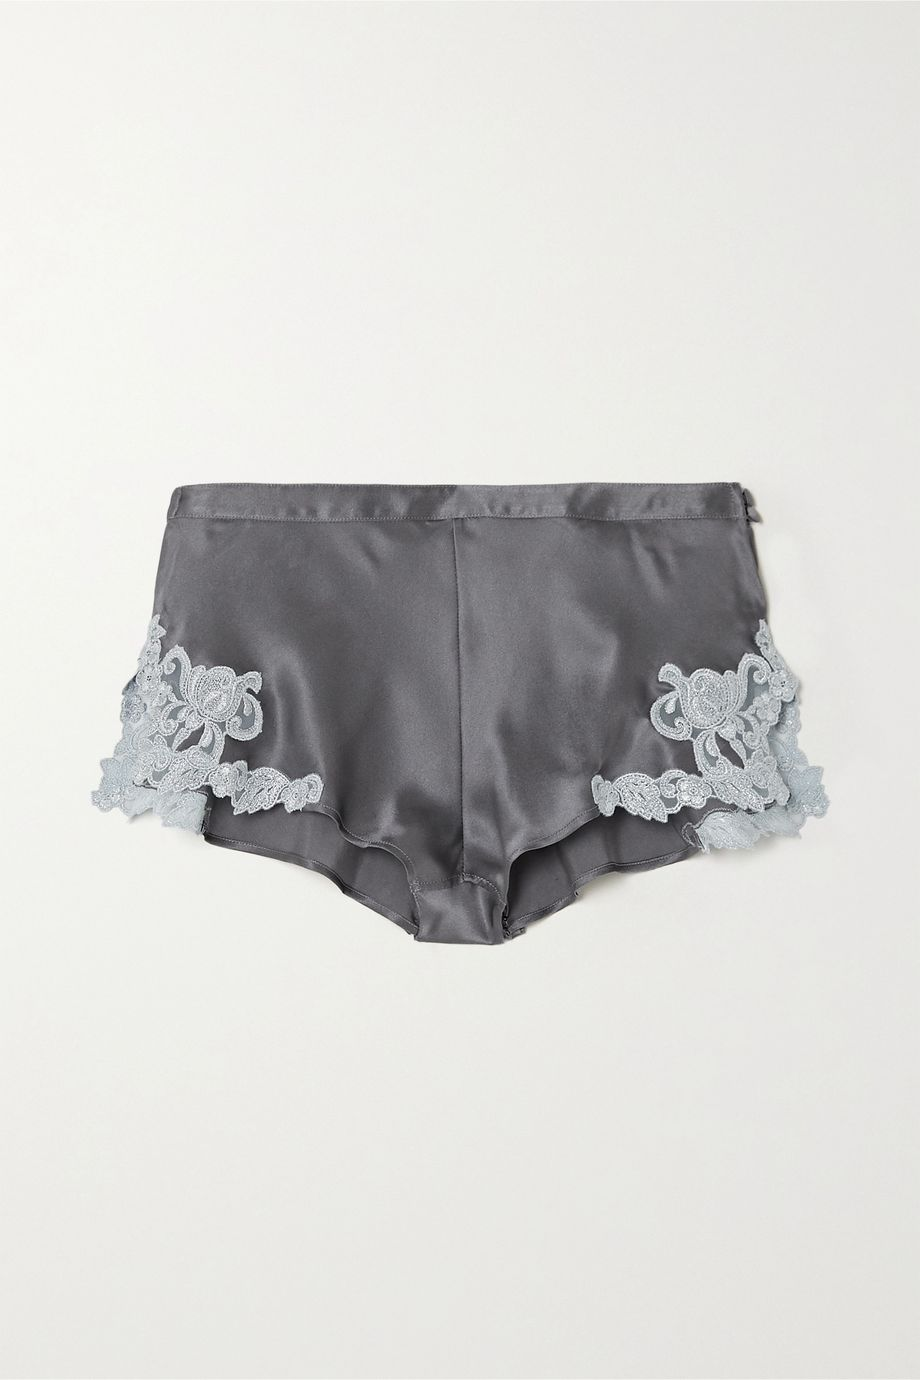 La Perla Maison 蕾丝边饰真丝查米尤丝绸缎短裤